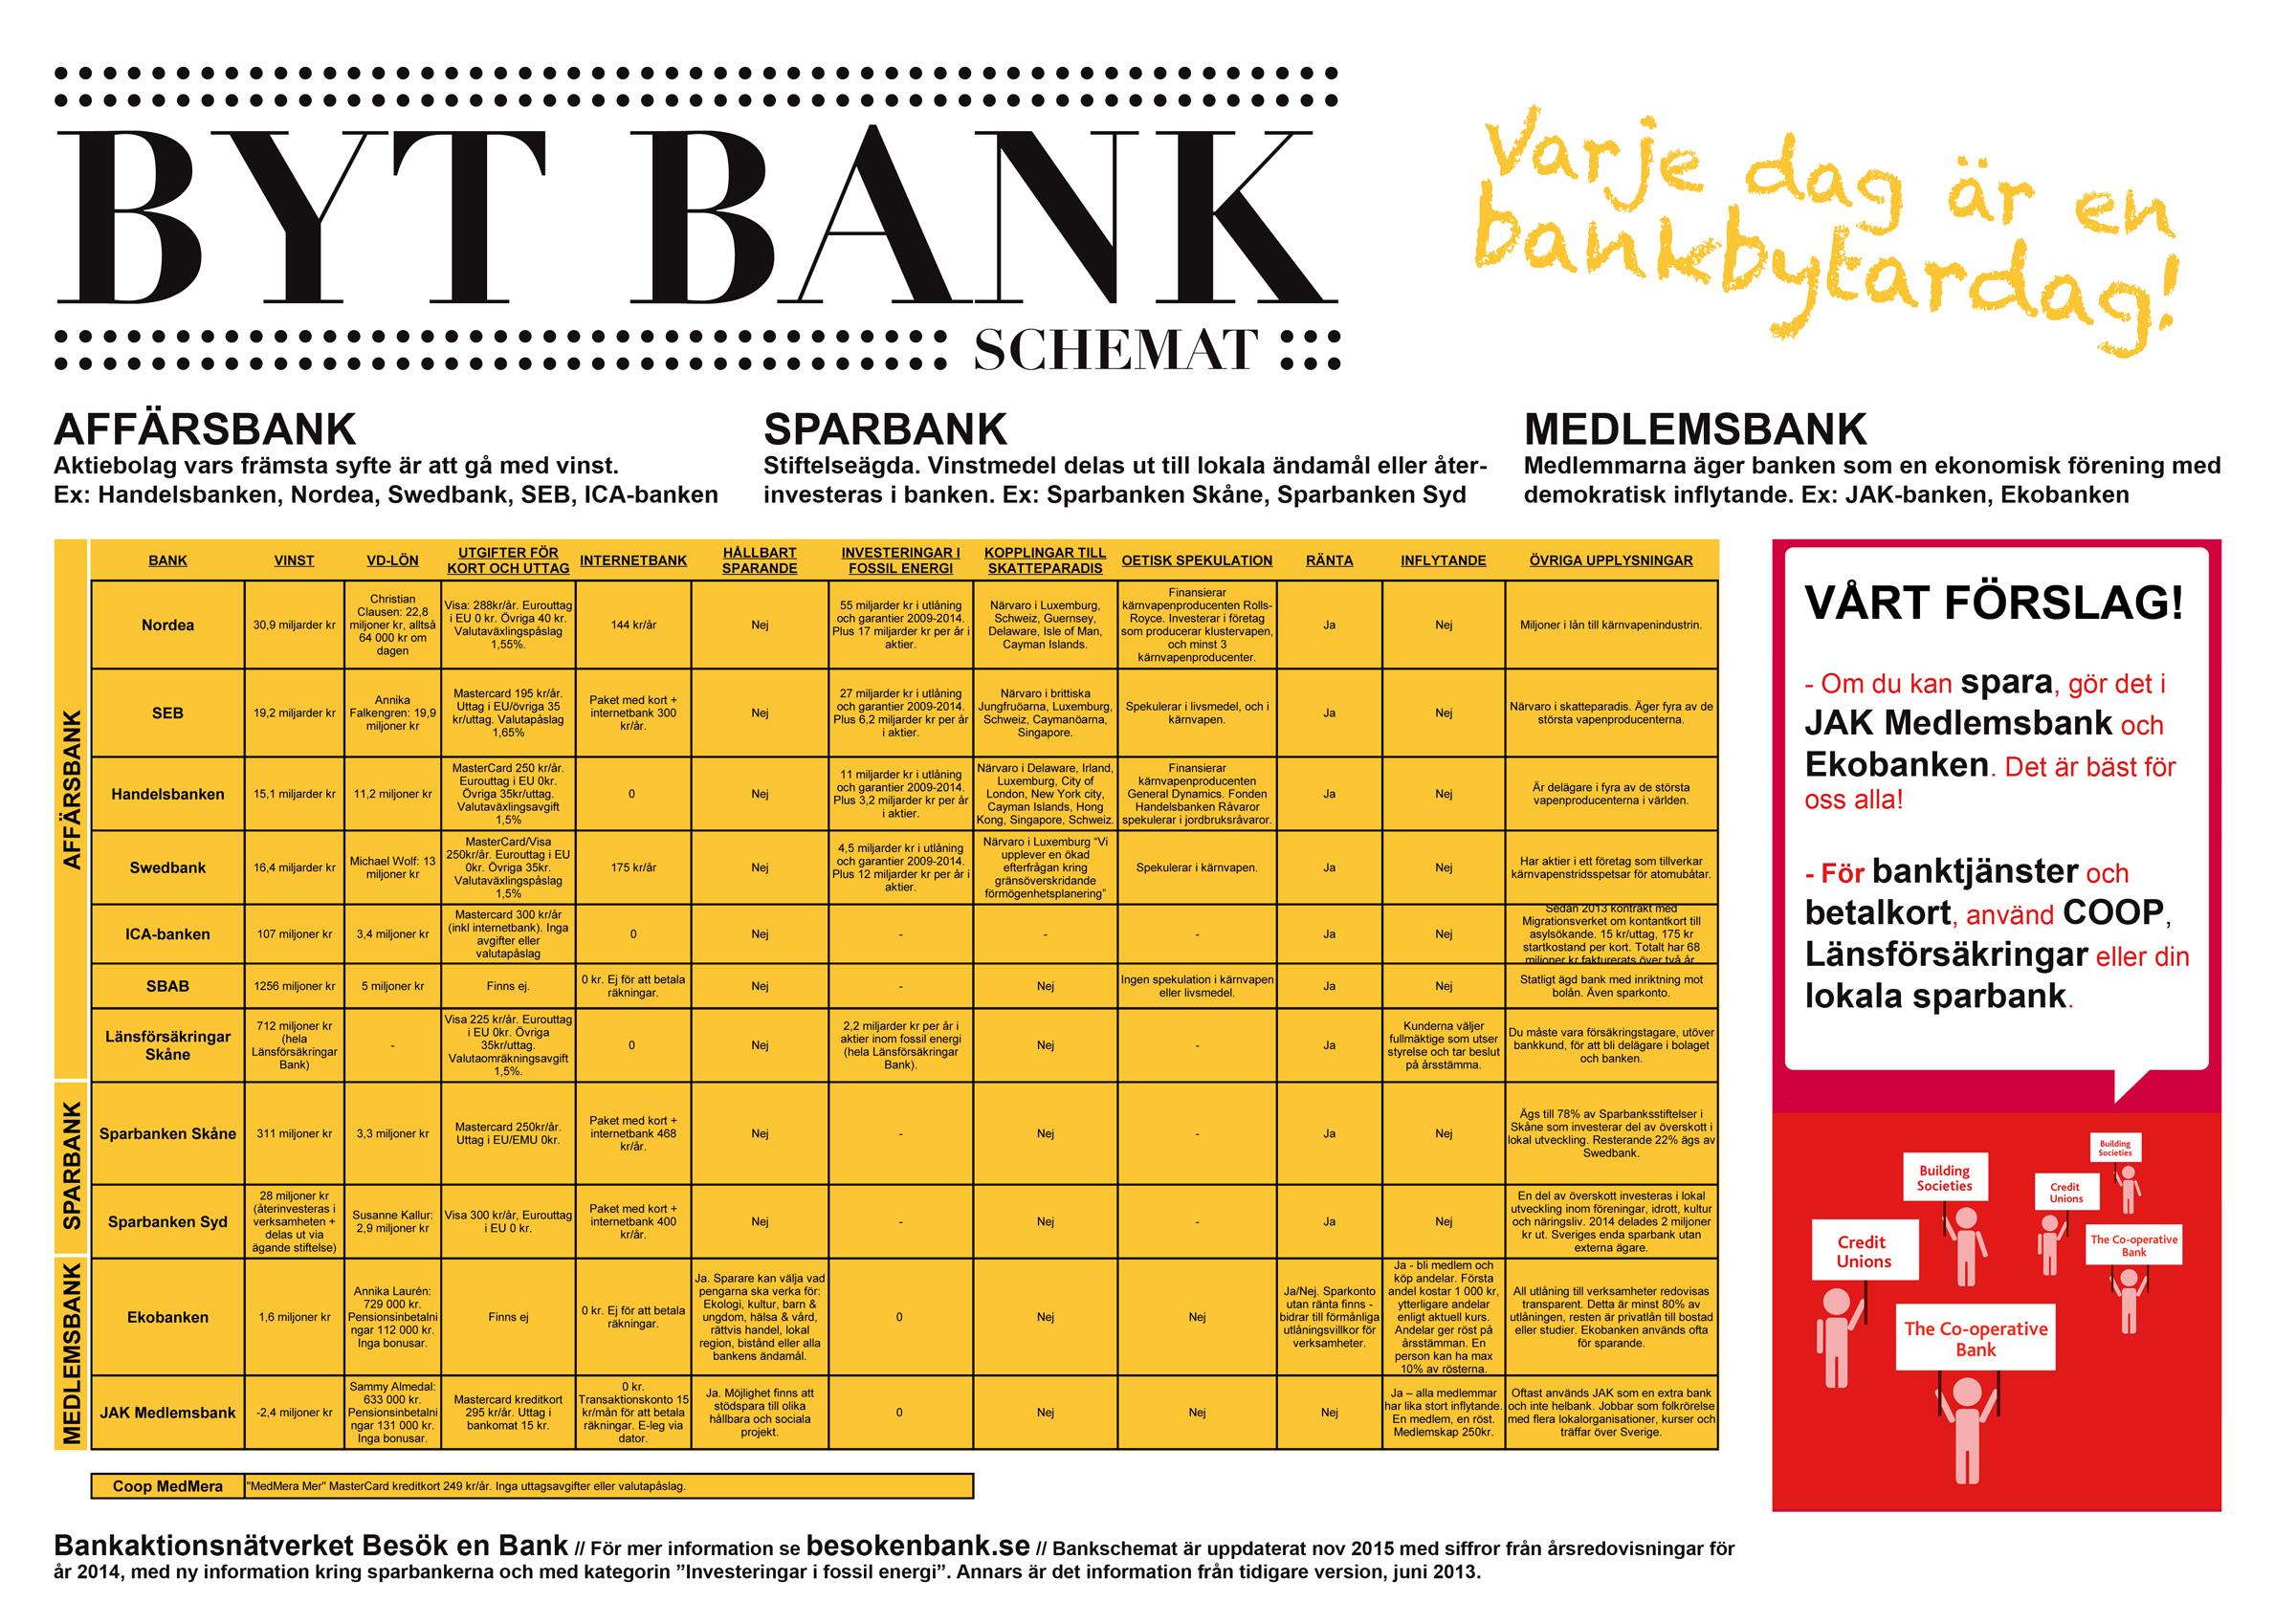 byta bank handelsbanken